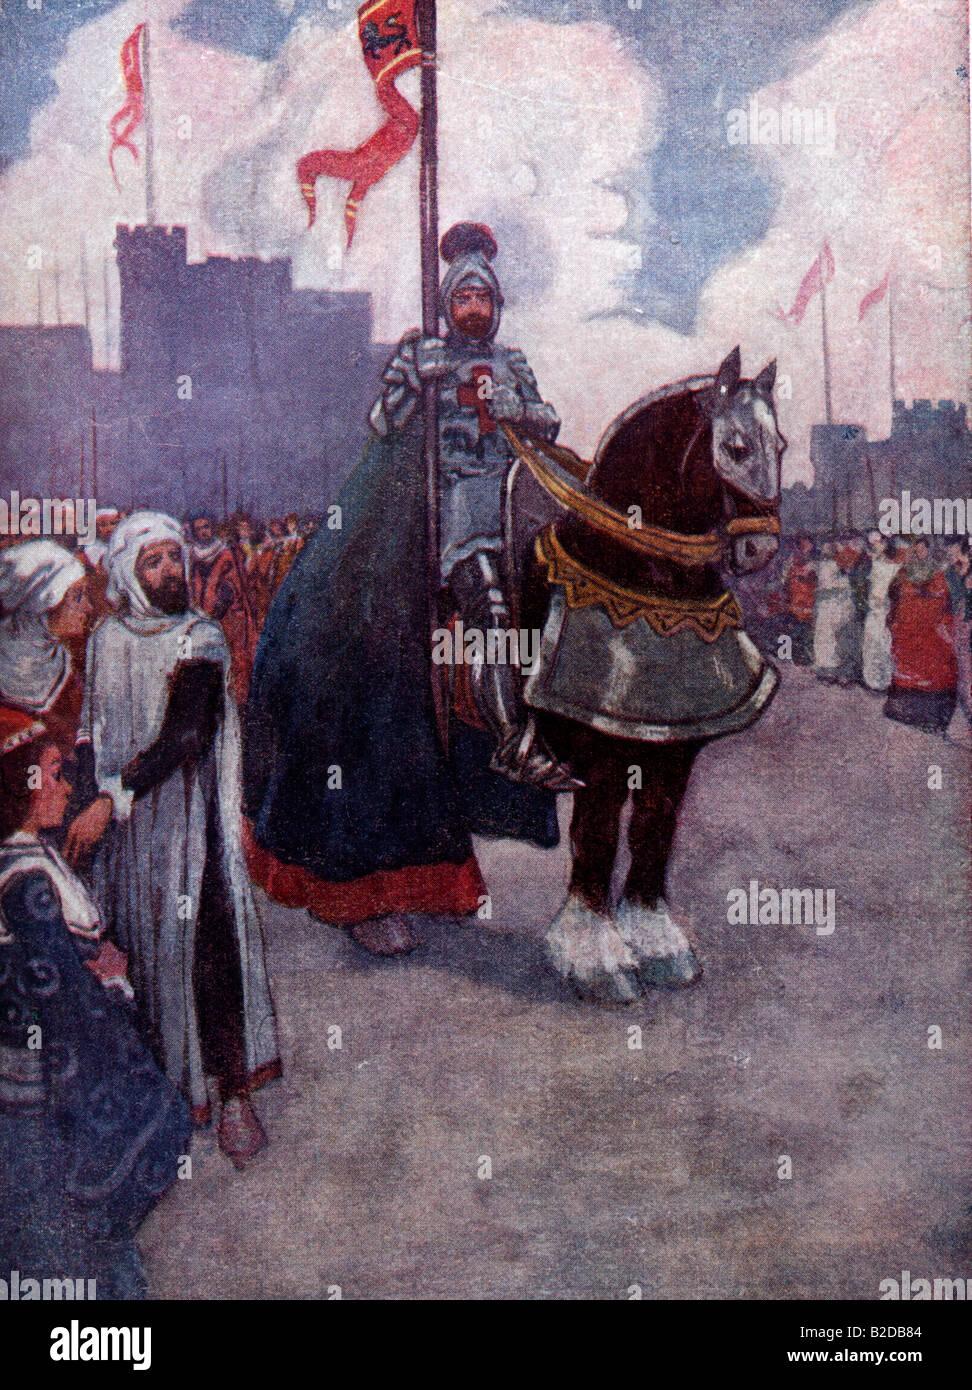 King Richard I on his way to Palastine - 3rd Crusade - Stock Image